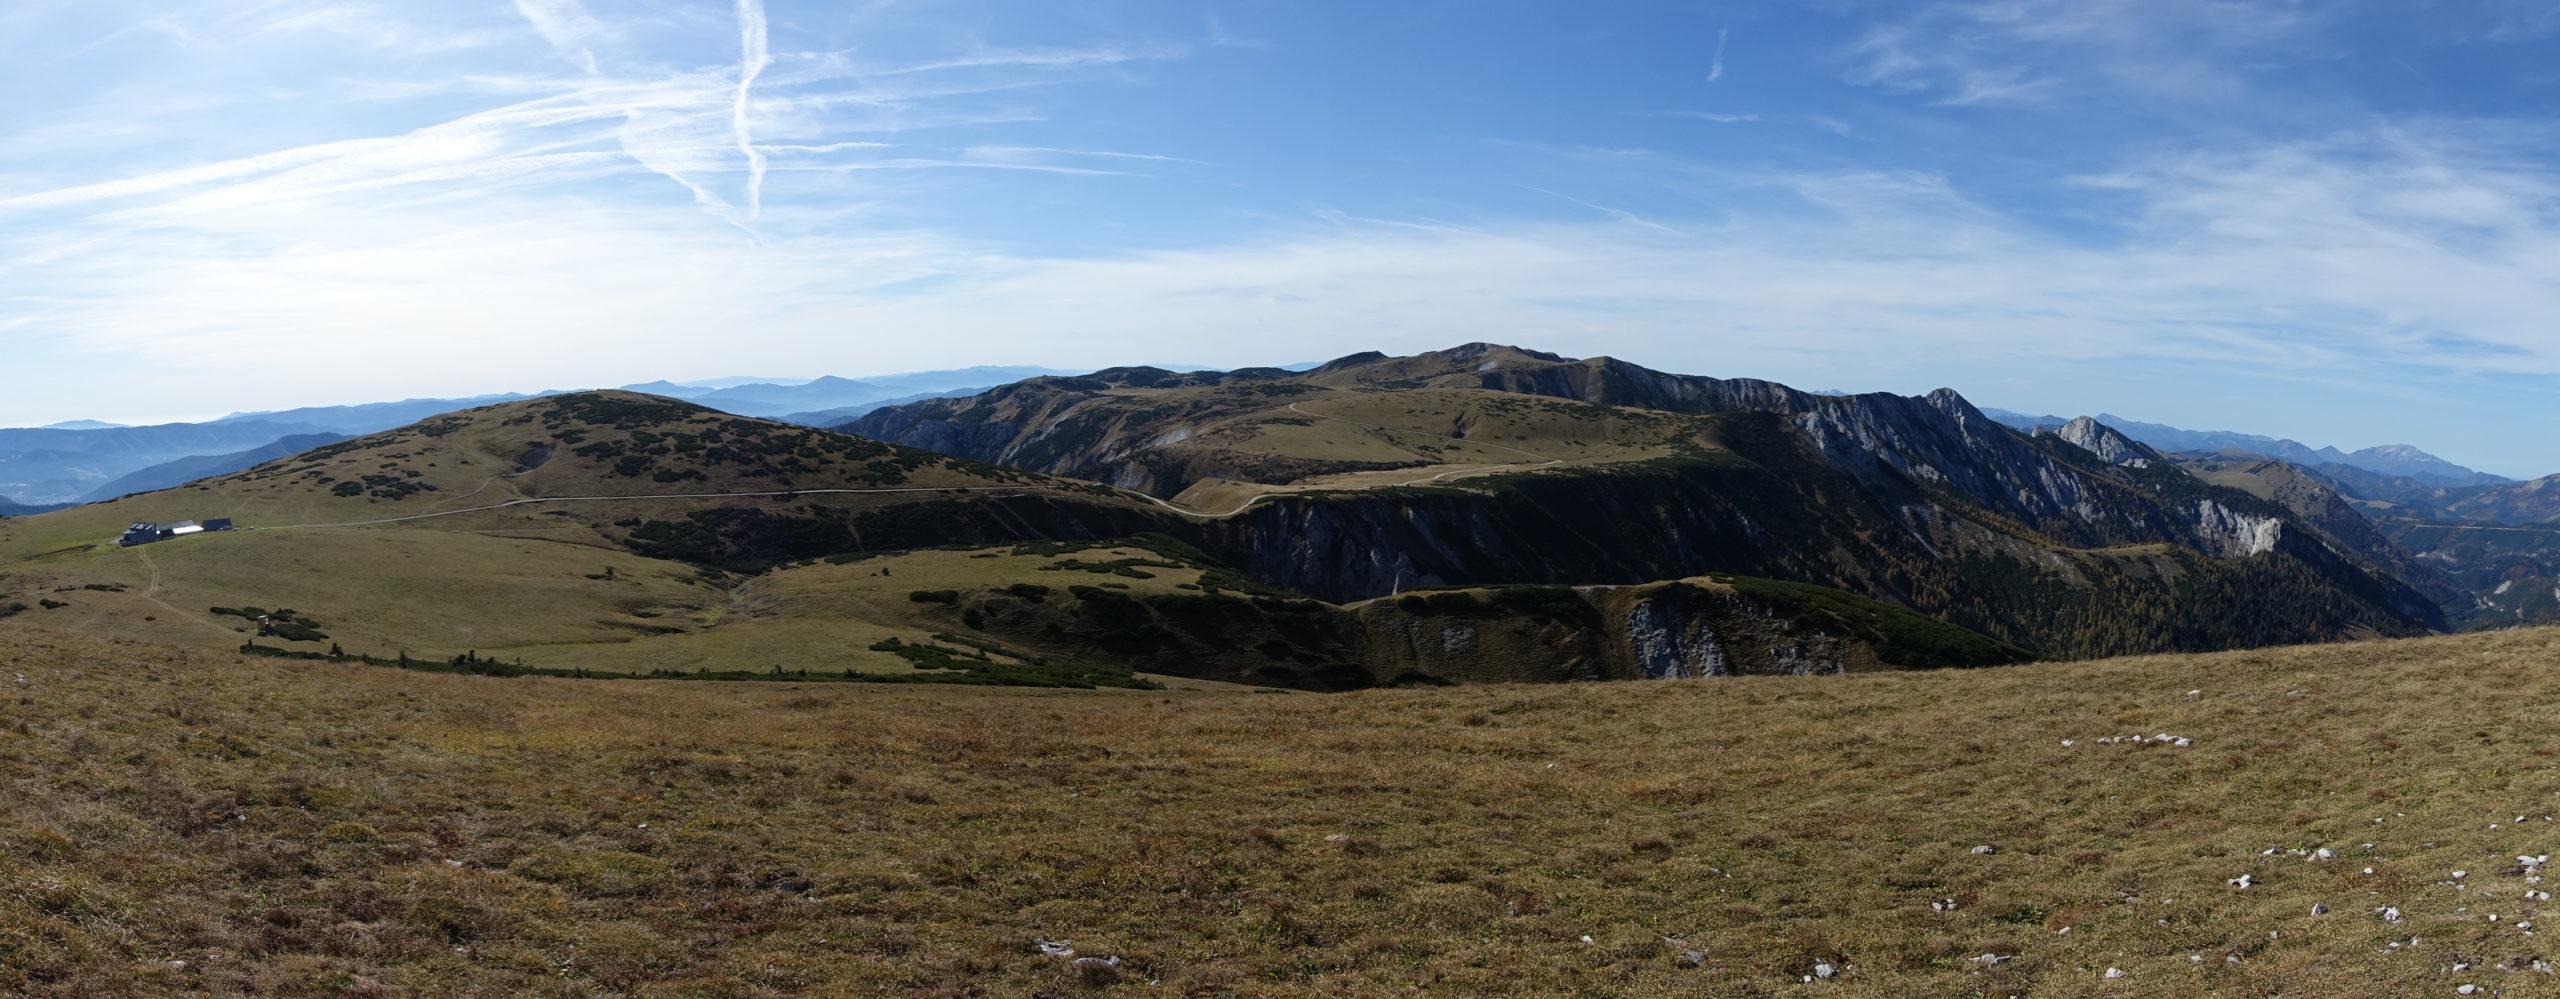 Schneealm Panorama vom Ameisbühel